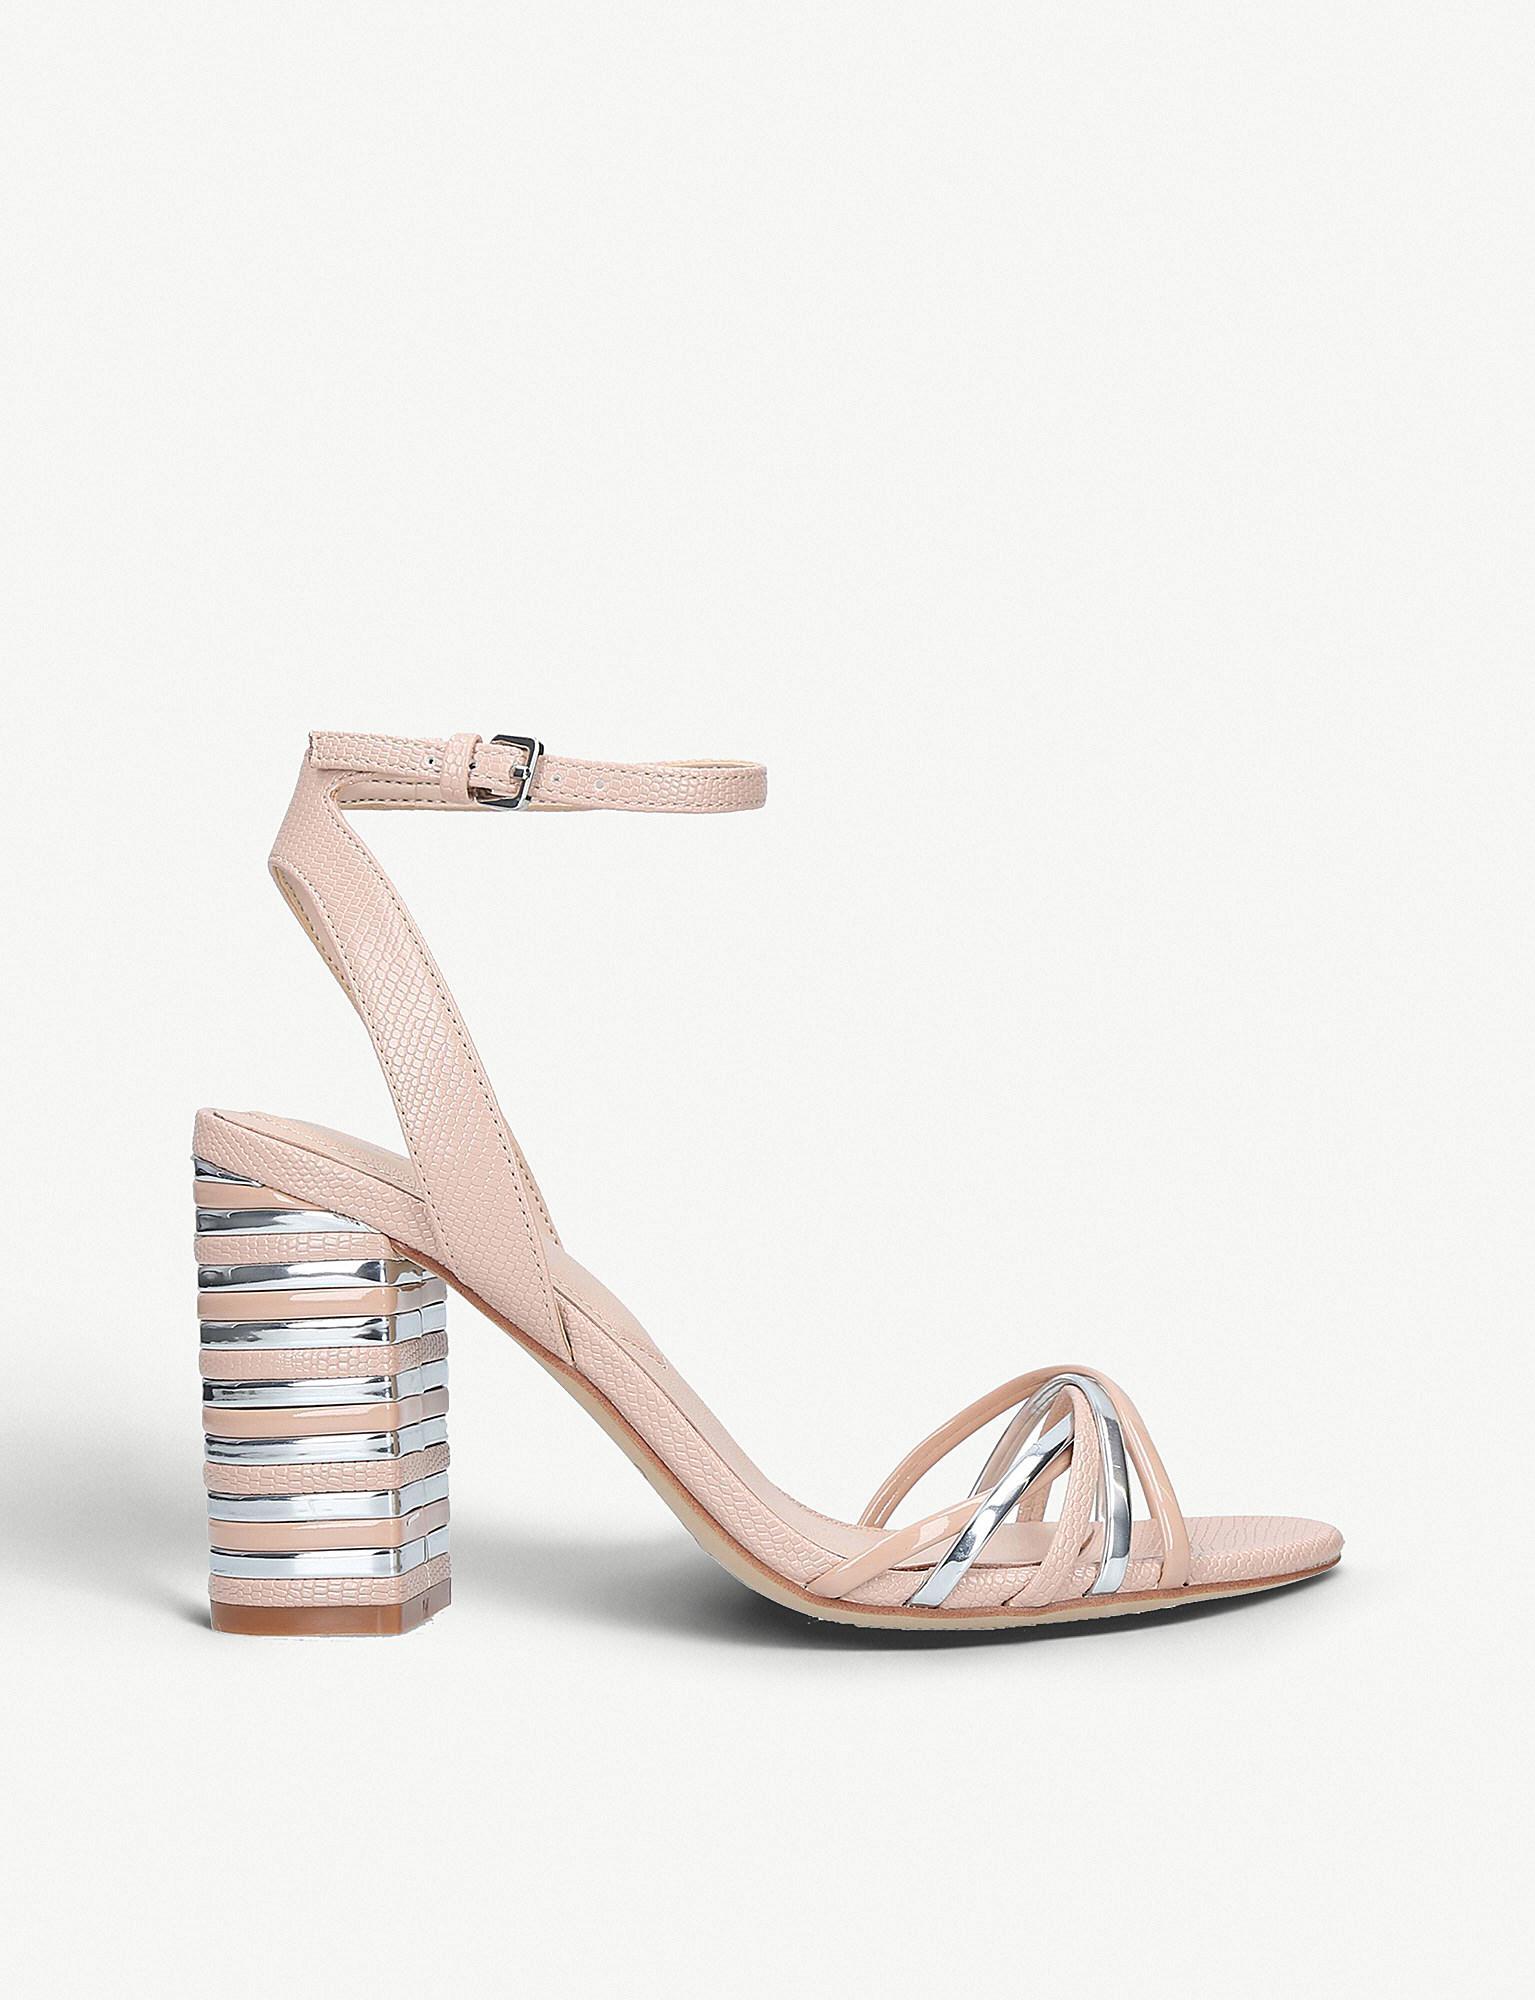 0a05d8a91a4a ALDO. Women s Taledia Metallic-detail Patent Heeled Sandals